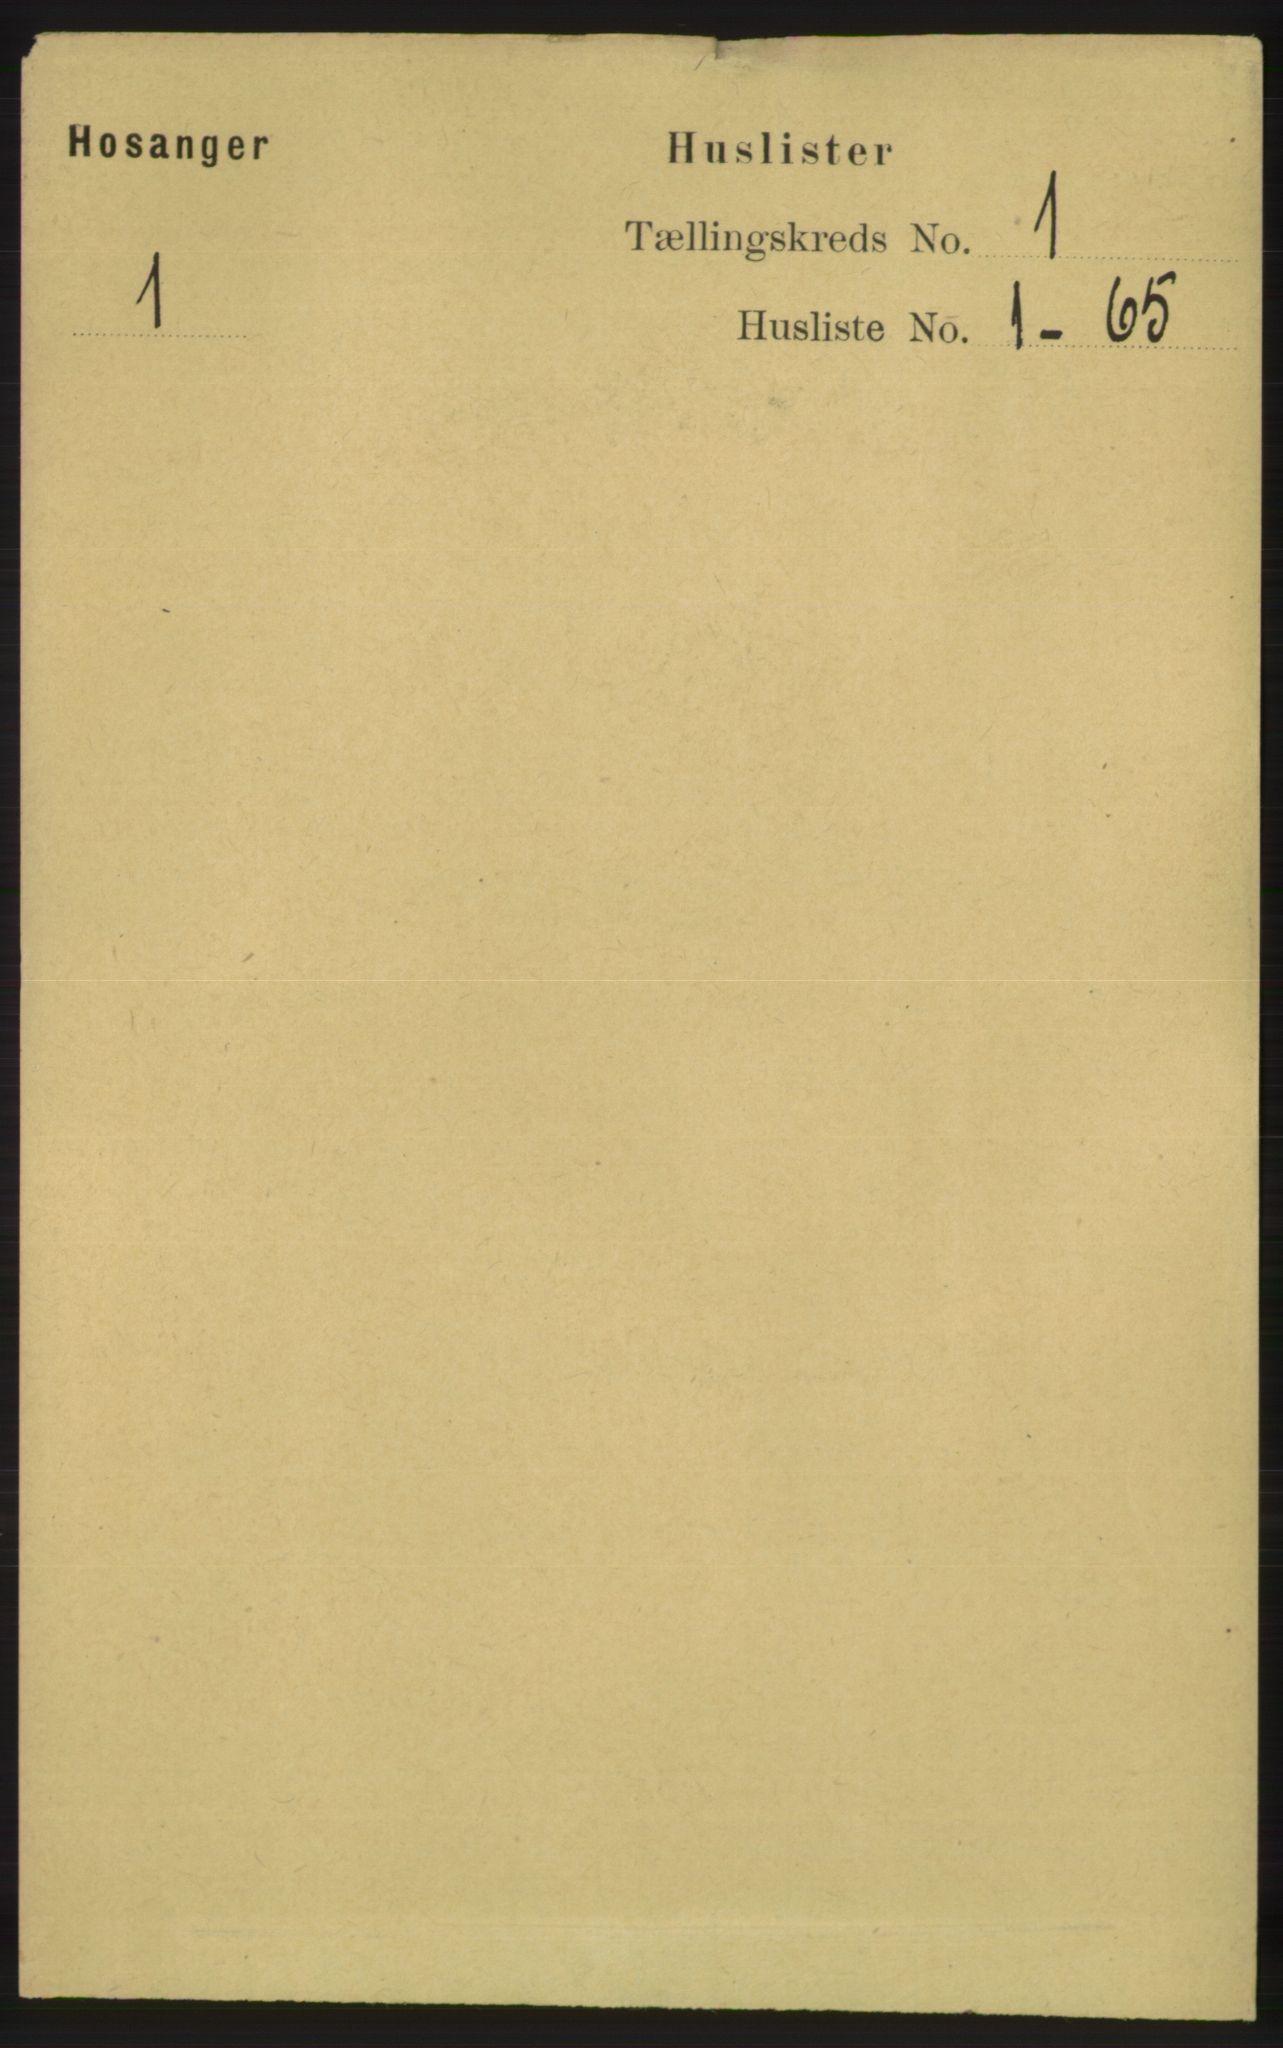 RA, Folketelling 1891 for 1253 Hosanger herred, 1891, s. 29